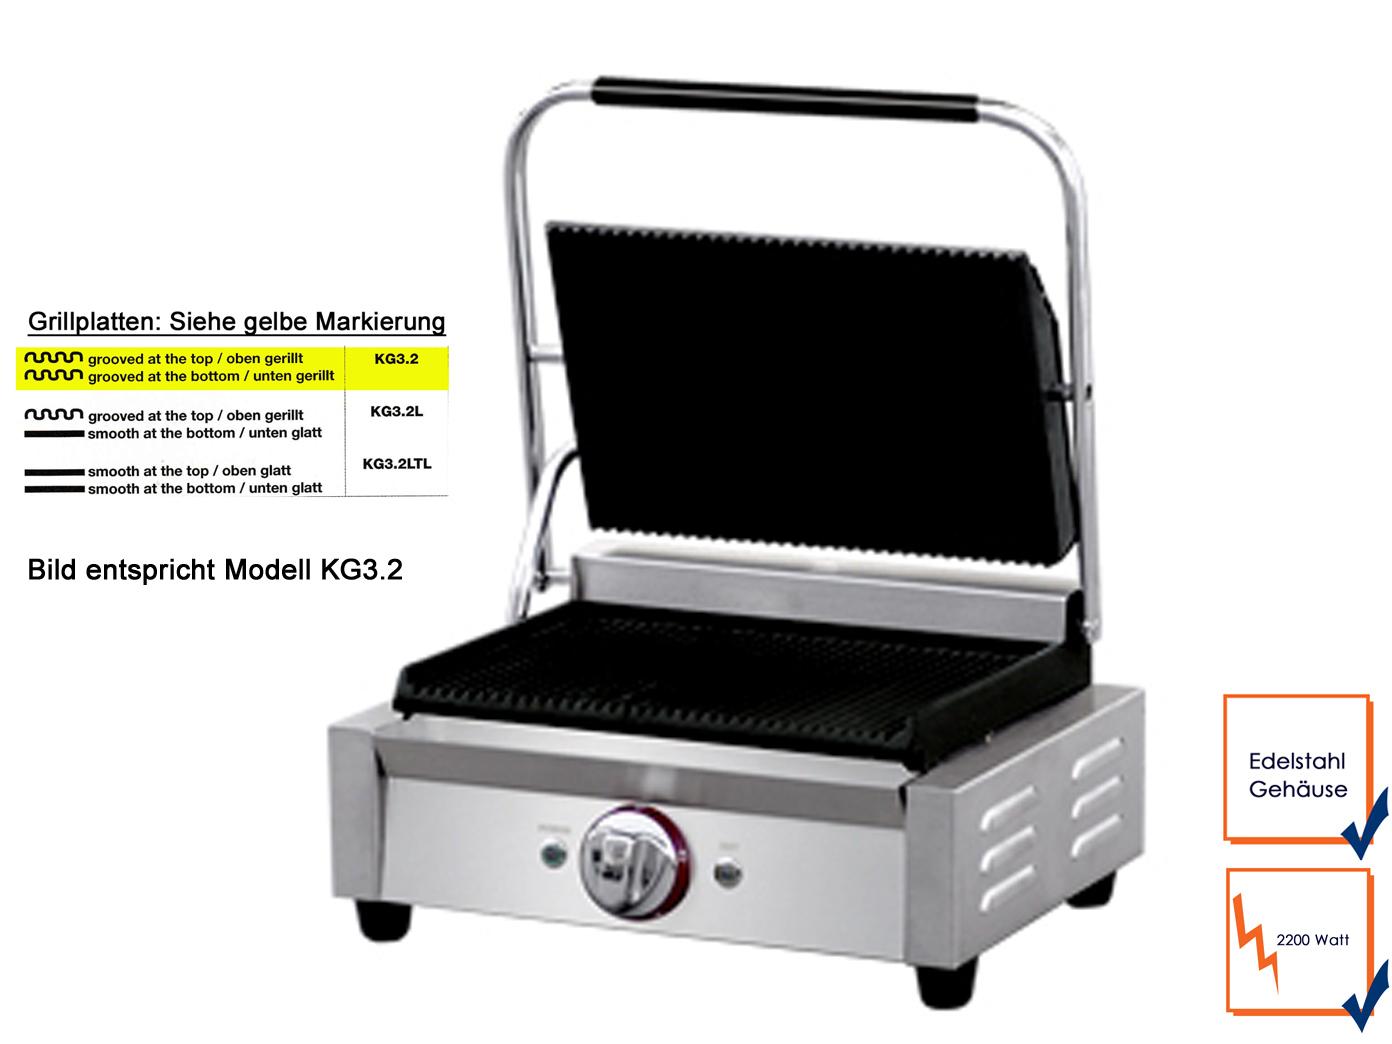 profi edelstahl kontaktgrill 2200 watt gastro kontaktgrill elektro multi grill 4260380828199 ebay. Black Bedroom Furniture Sets. Home Design Ideas